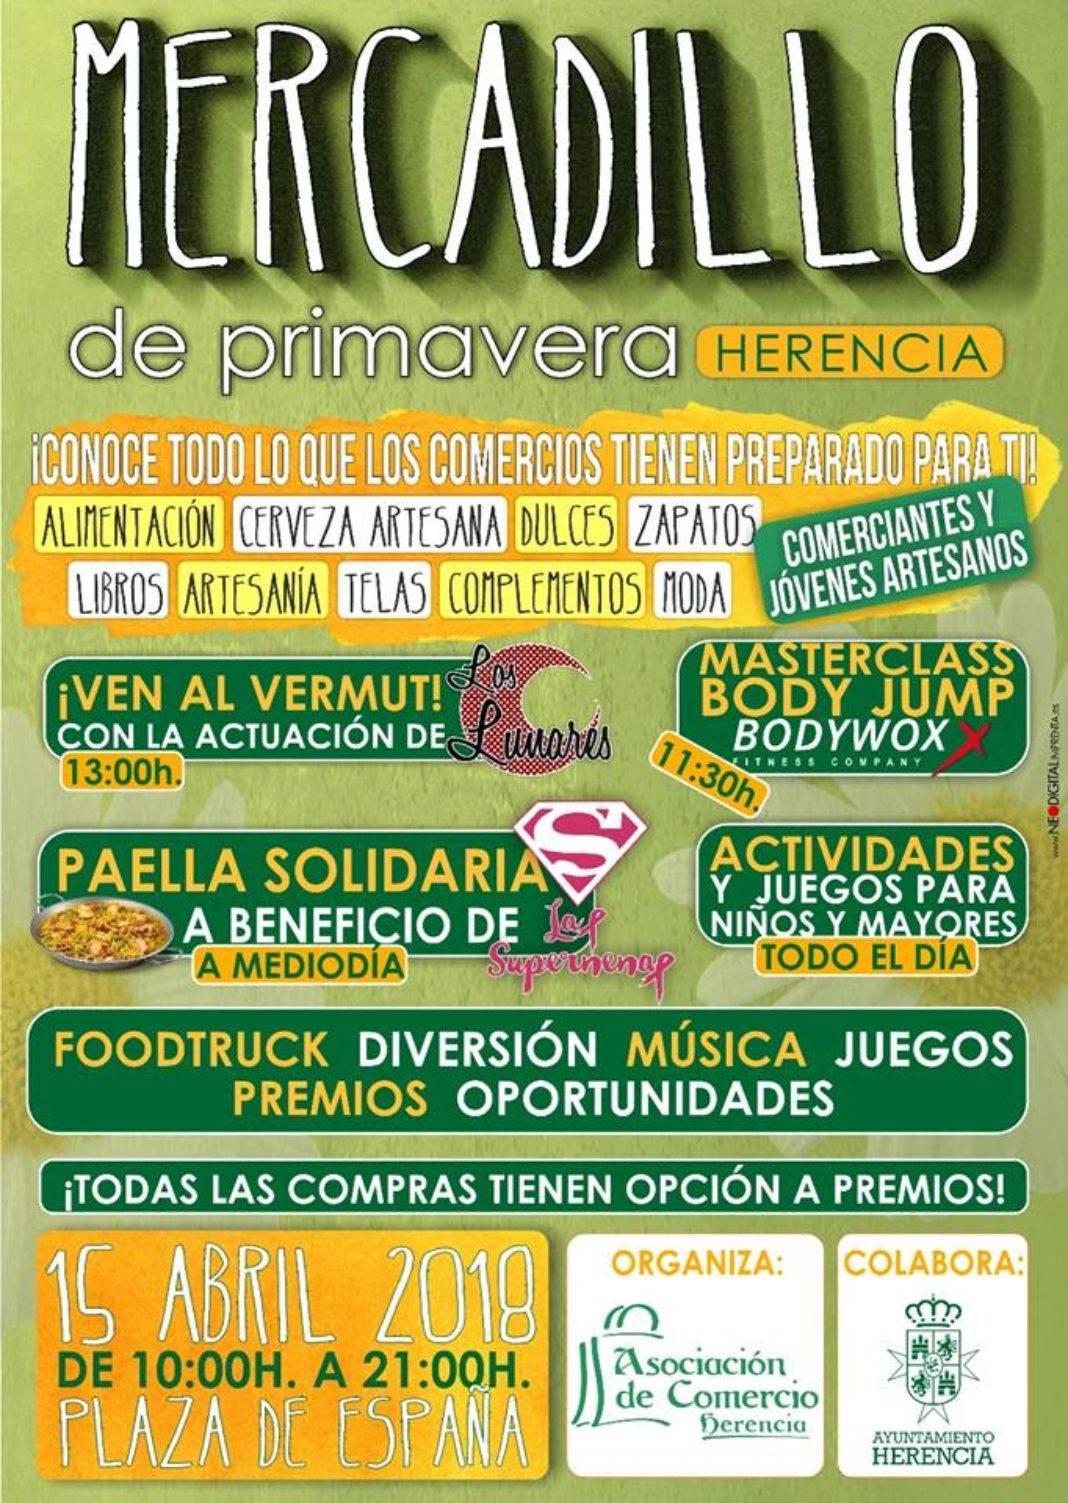 Mercadillo de primavera de Herencia 1068x1503 - El comercio de Herencia organiza un mercadillo de primavera